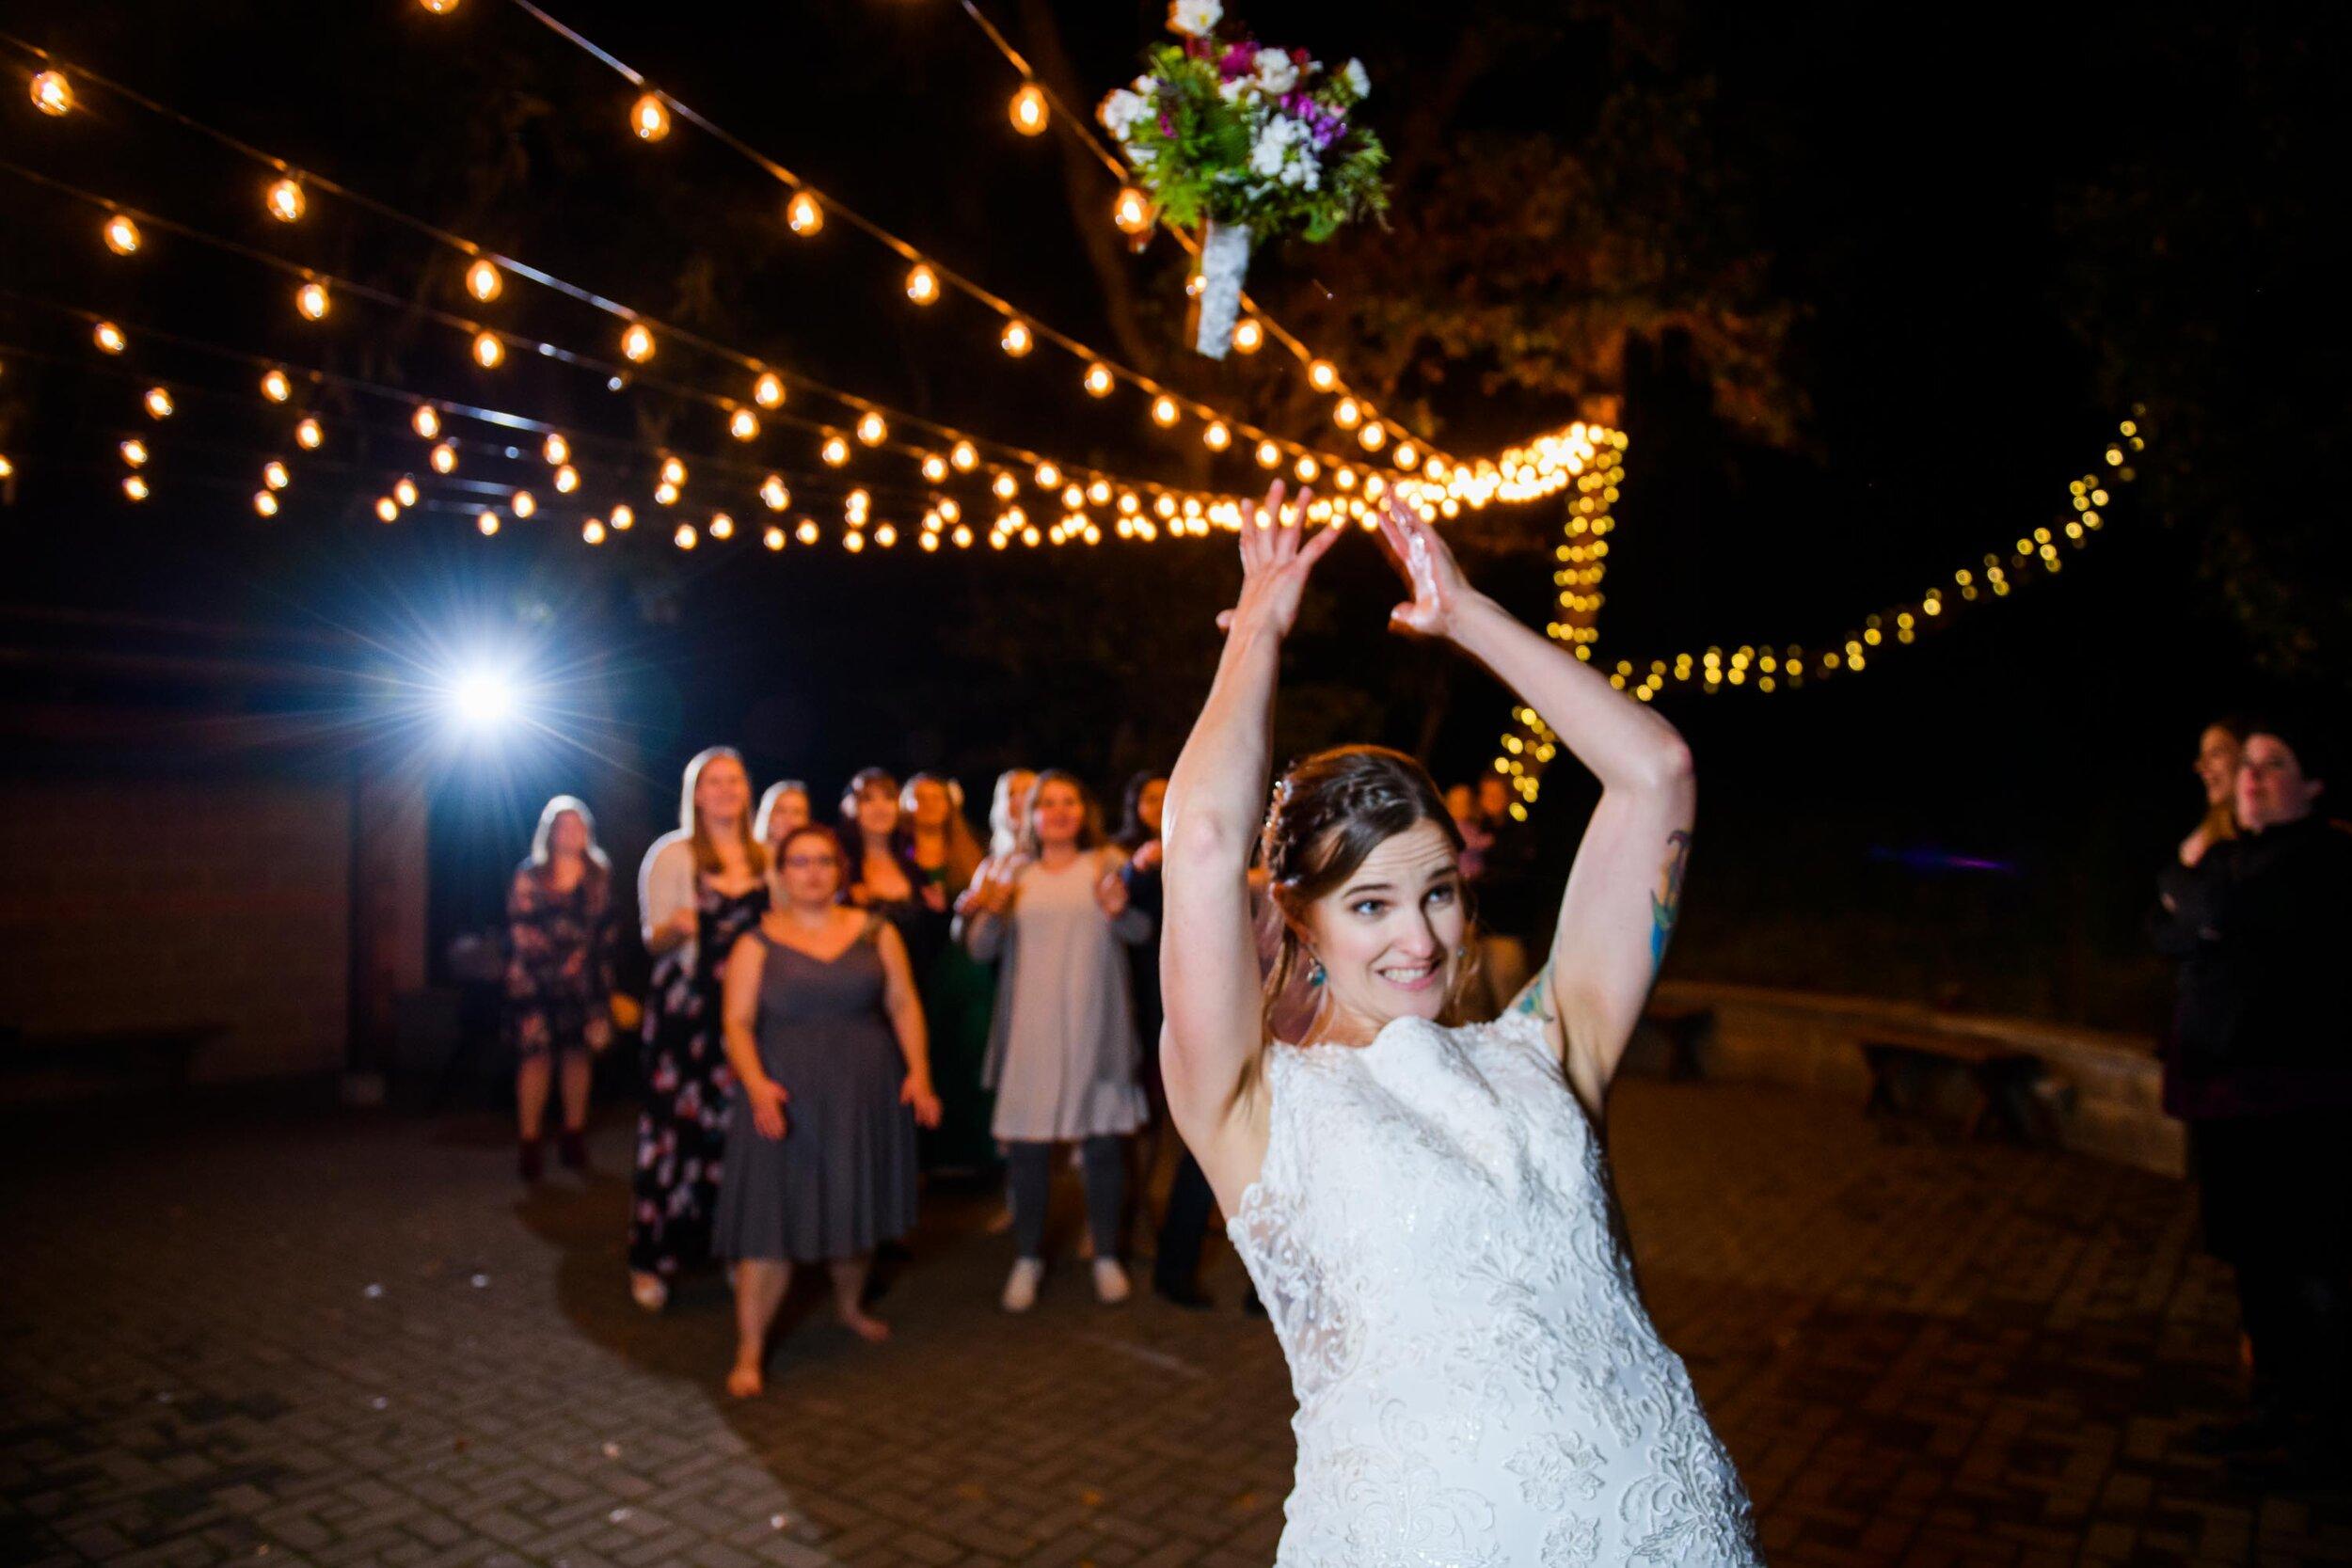 Mt. Pisgah Arboretum wedding photos 150.JPG